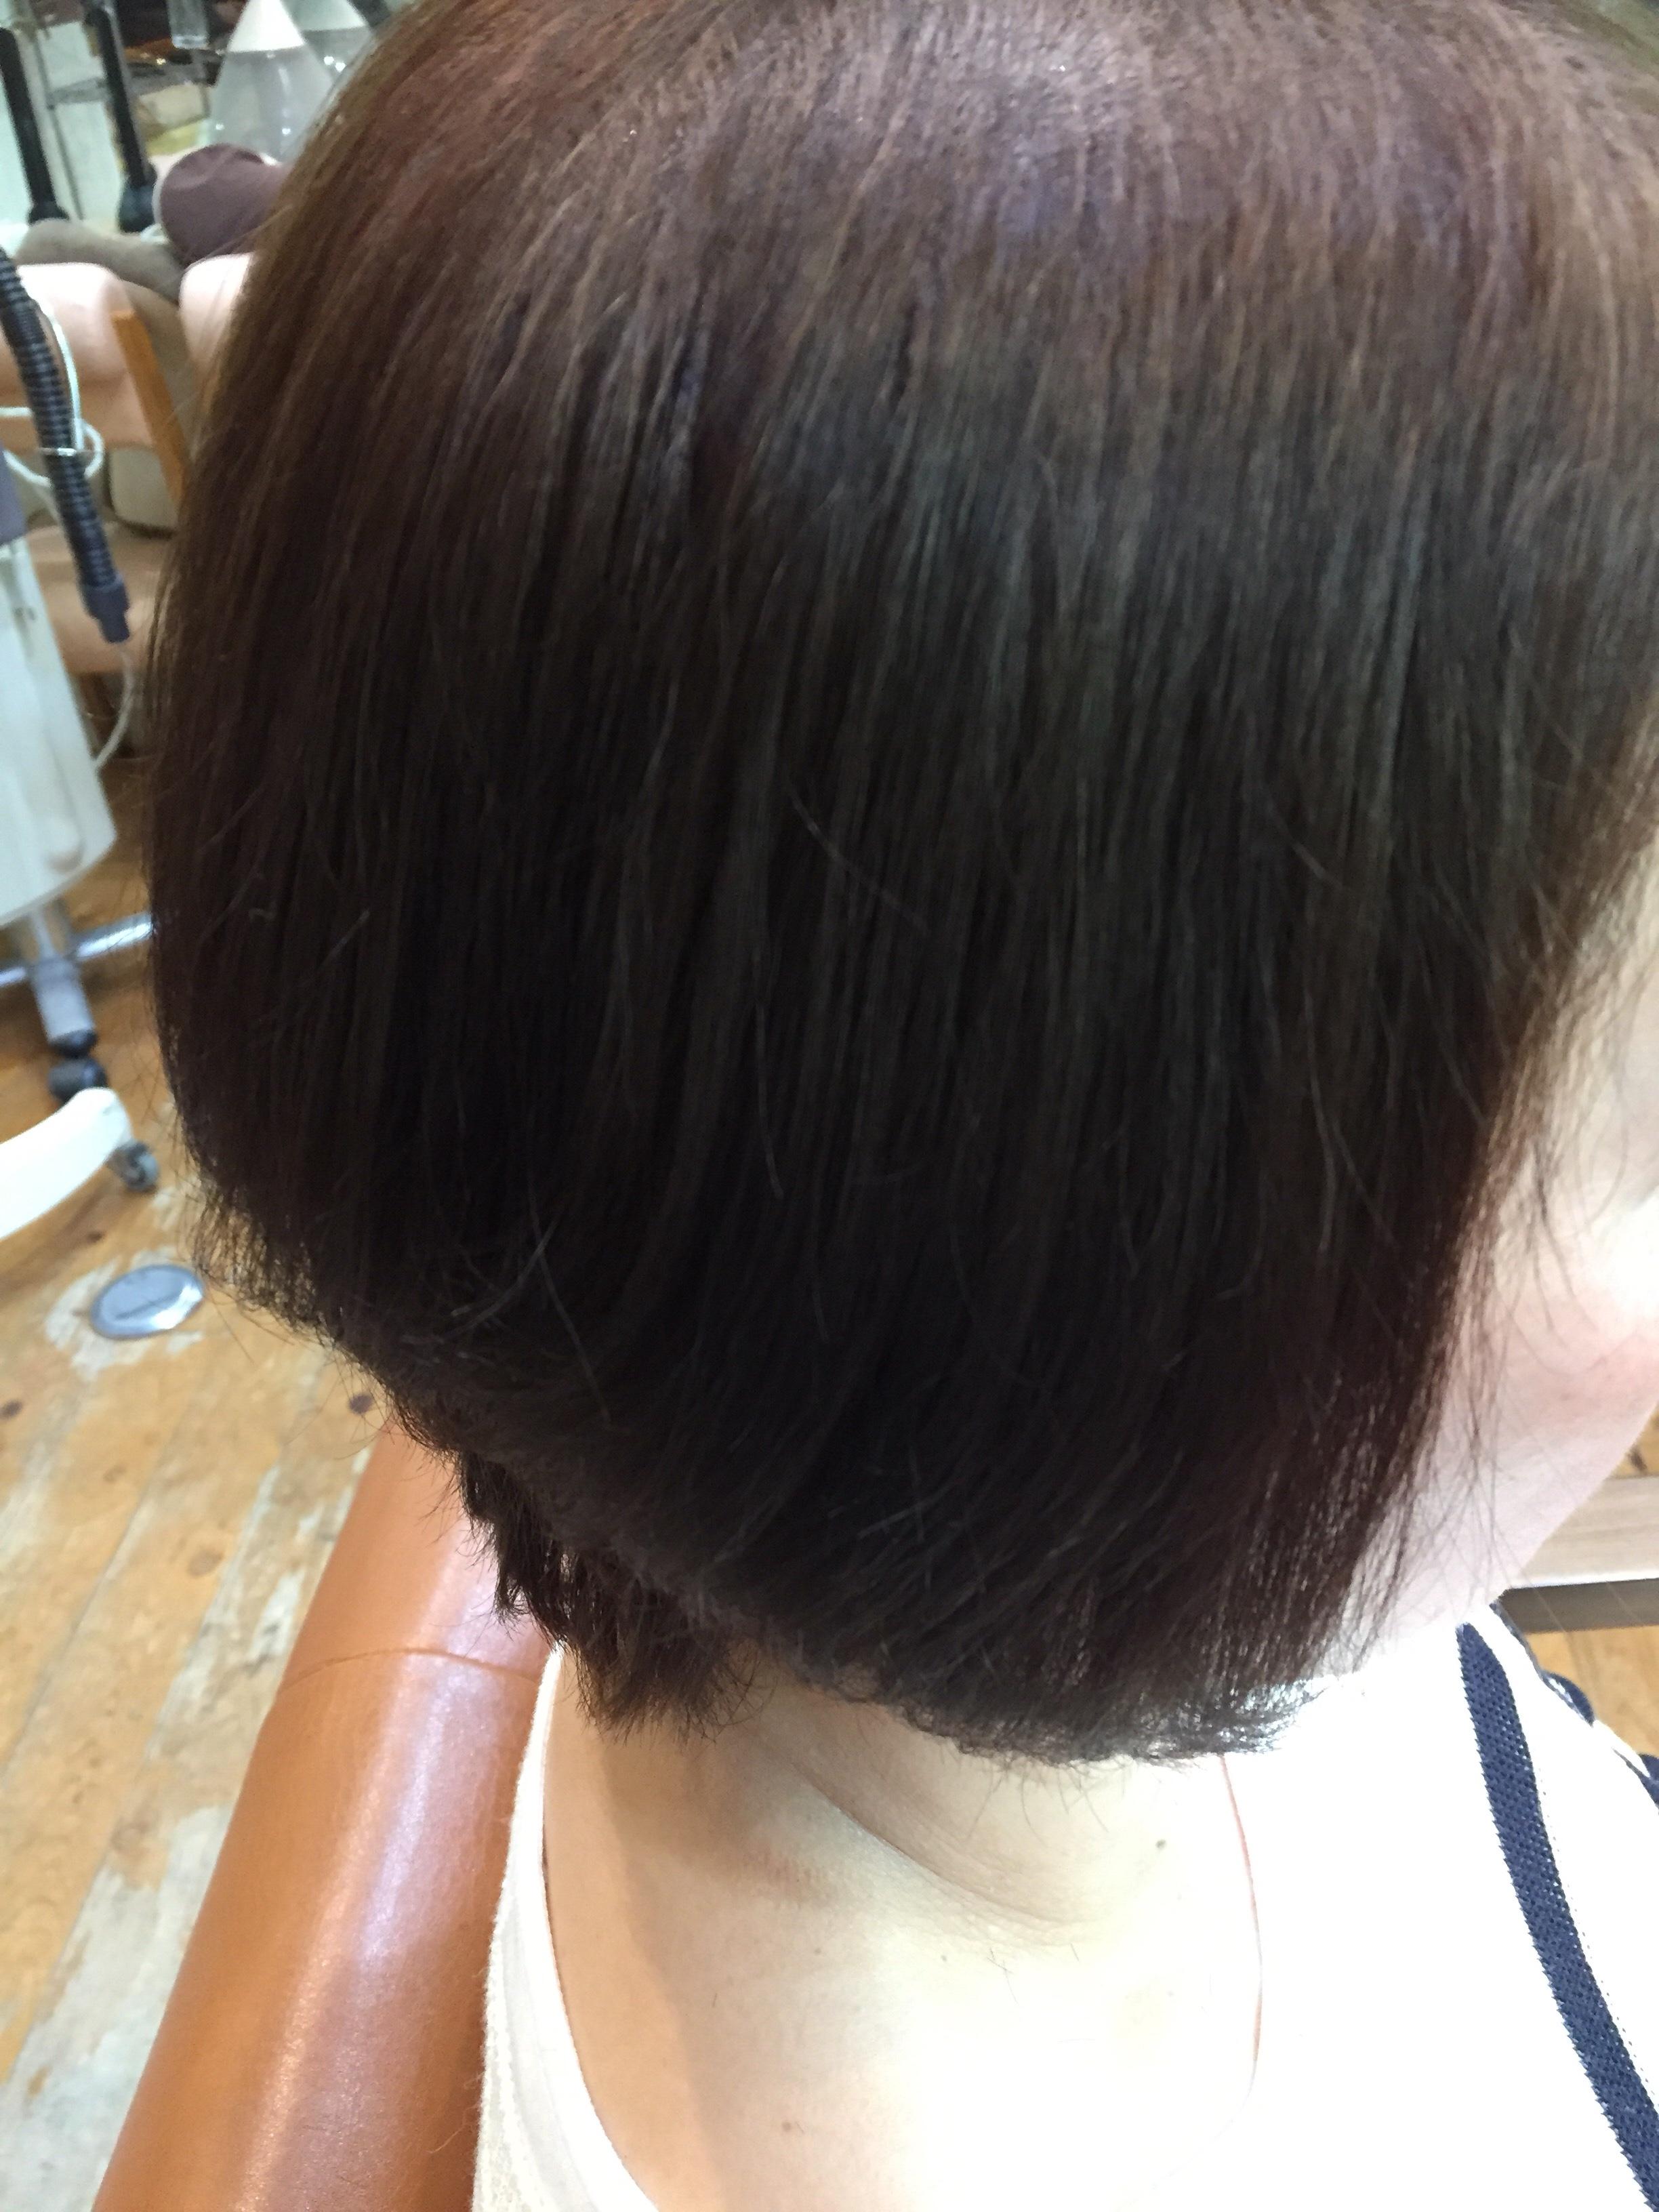 軟毛のクセ毛